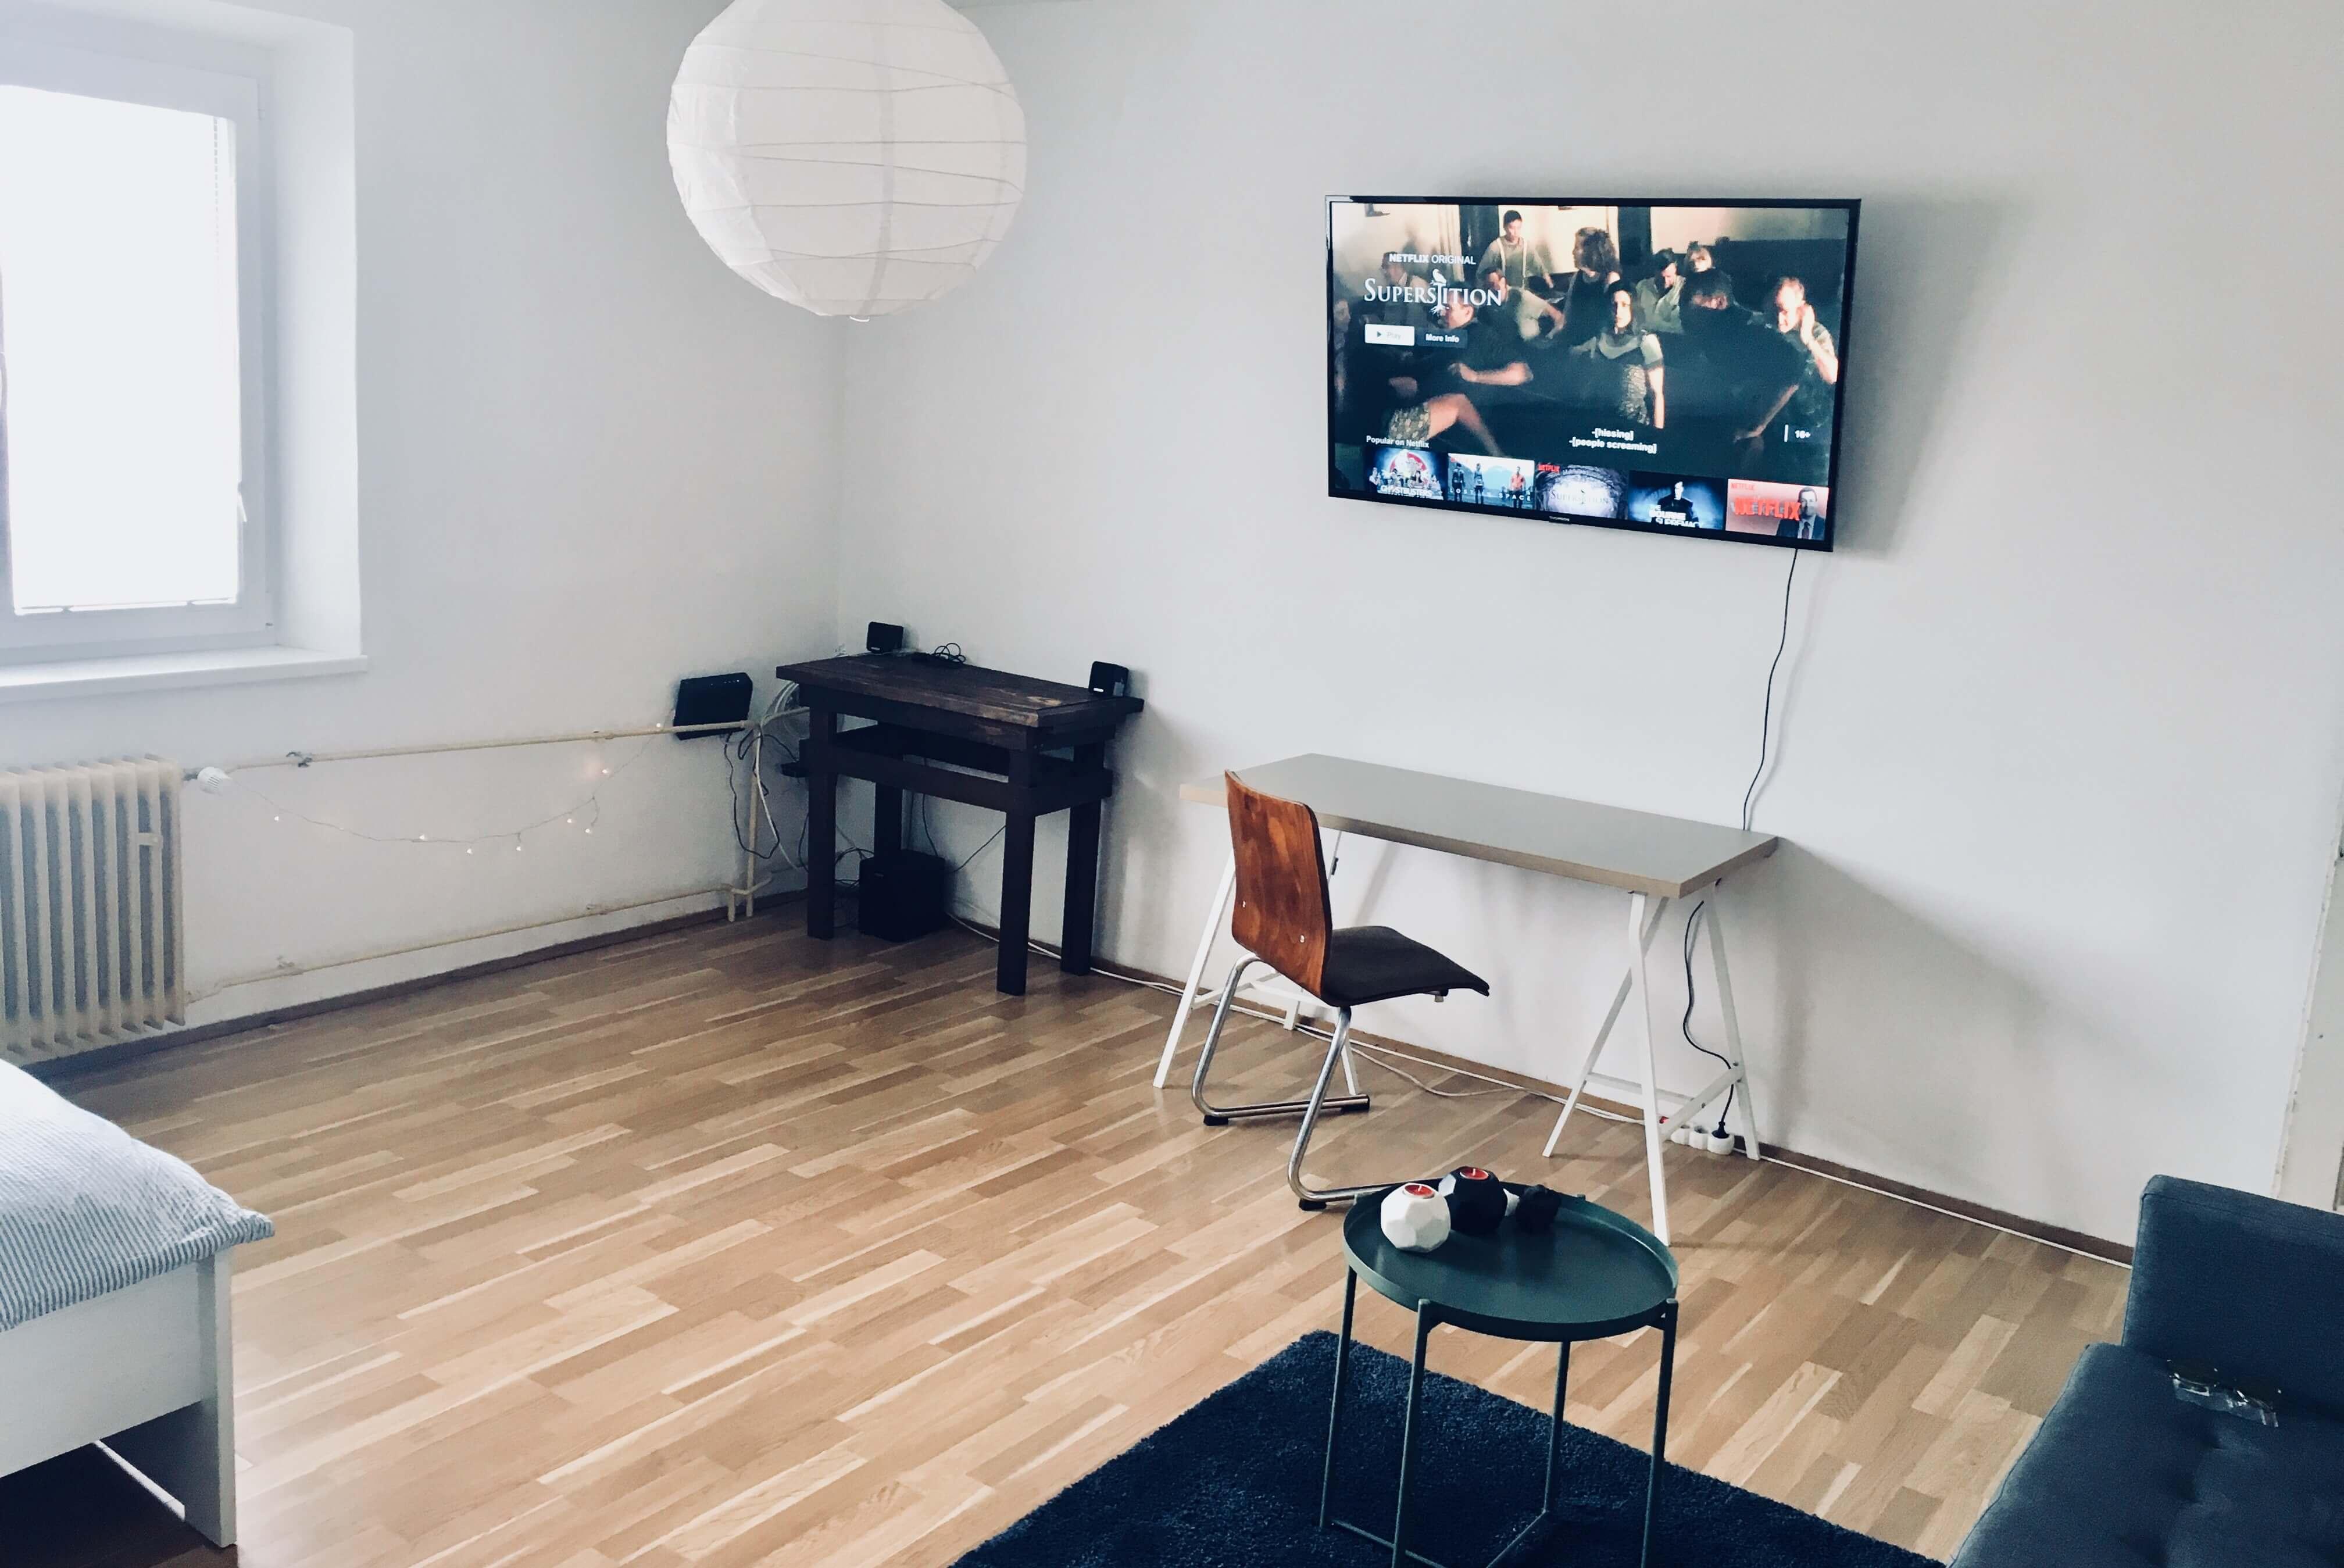 Prenajaté: Exkluzívne na prenájom 1 Izbový byt, 43 m2, pavlač 7 m2, Šancová 25, Staré mesto-1